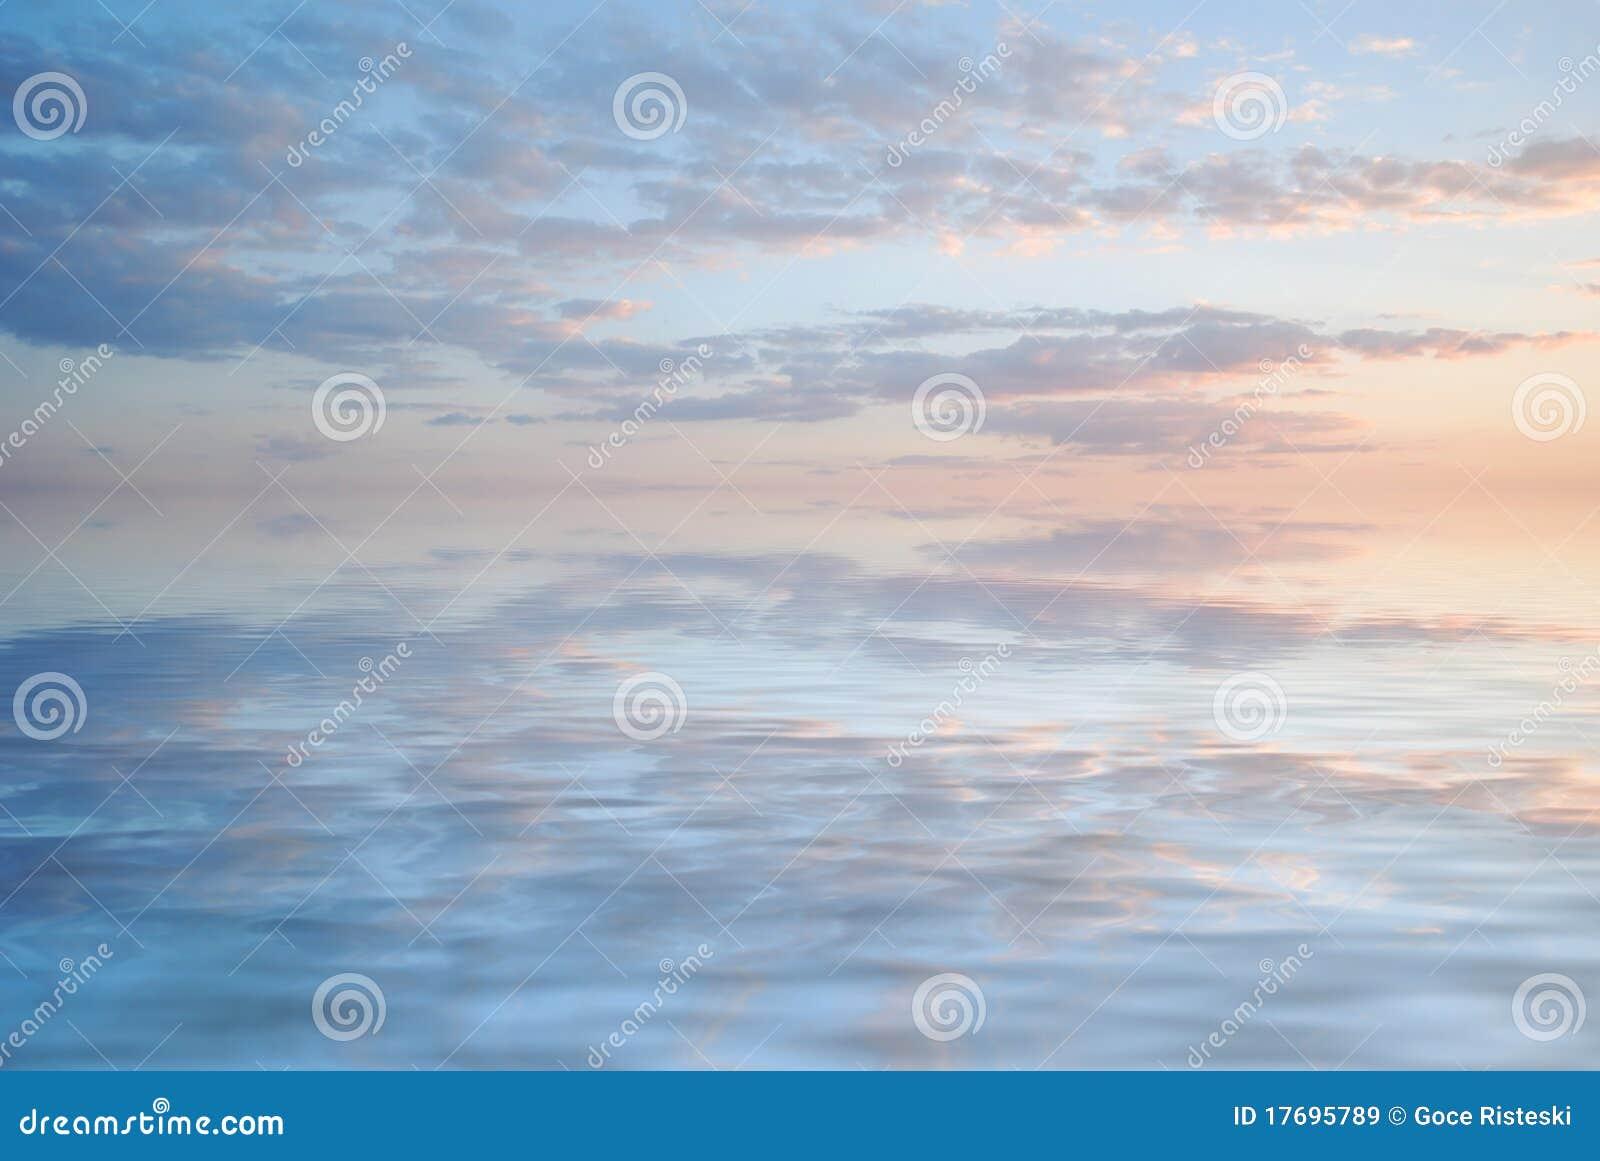 Odbicia nieba woda